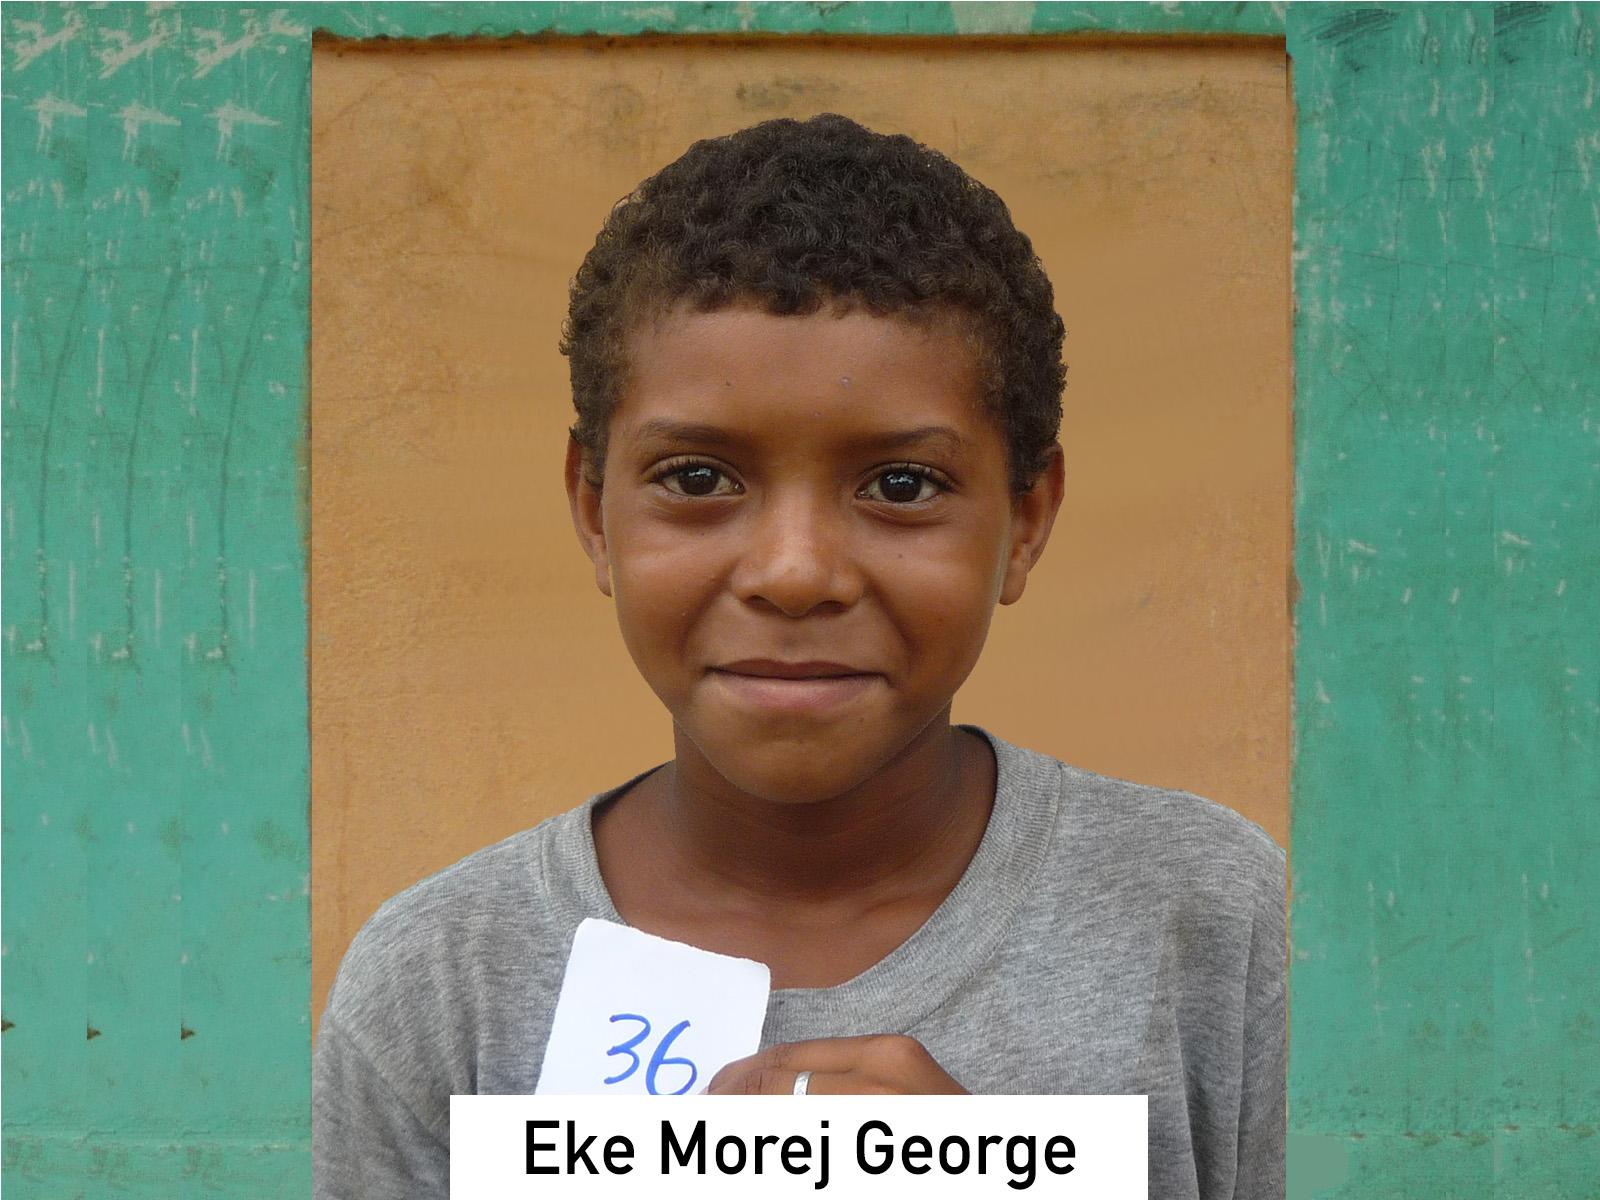 036 - Eke Morej George.jpg